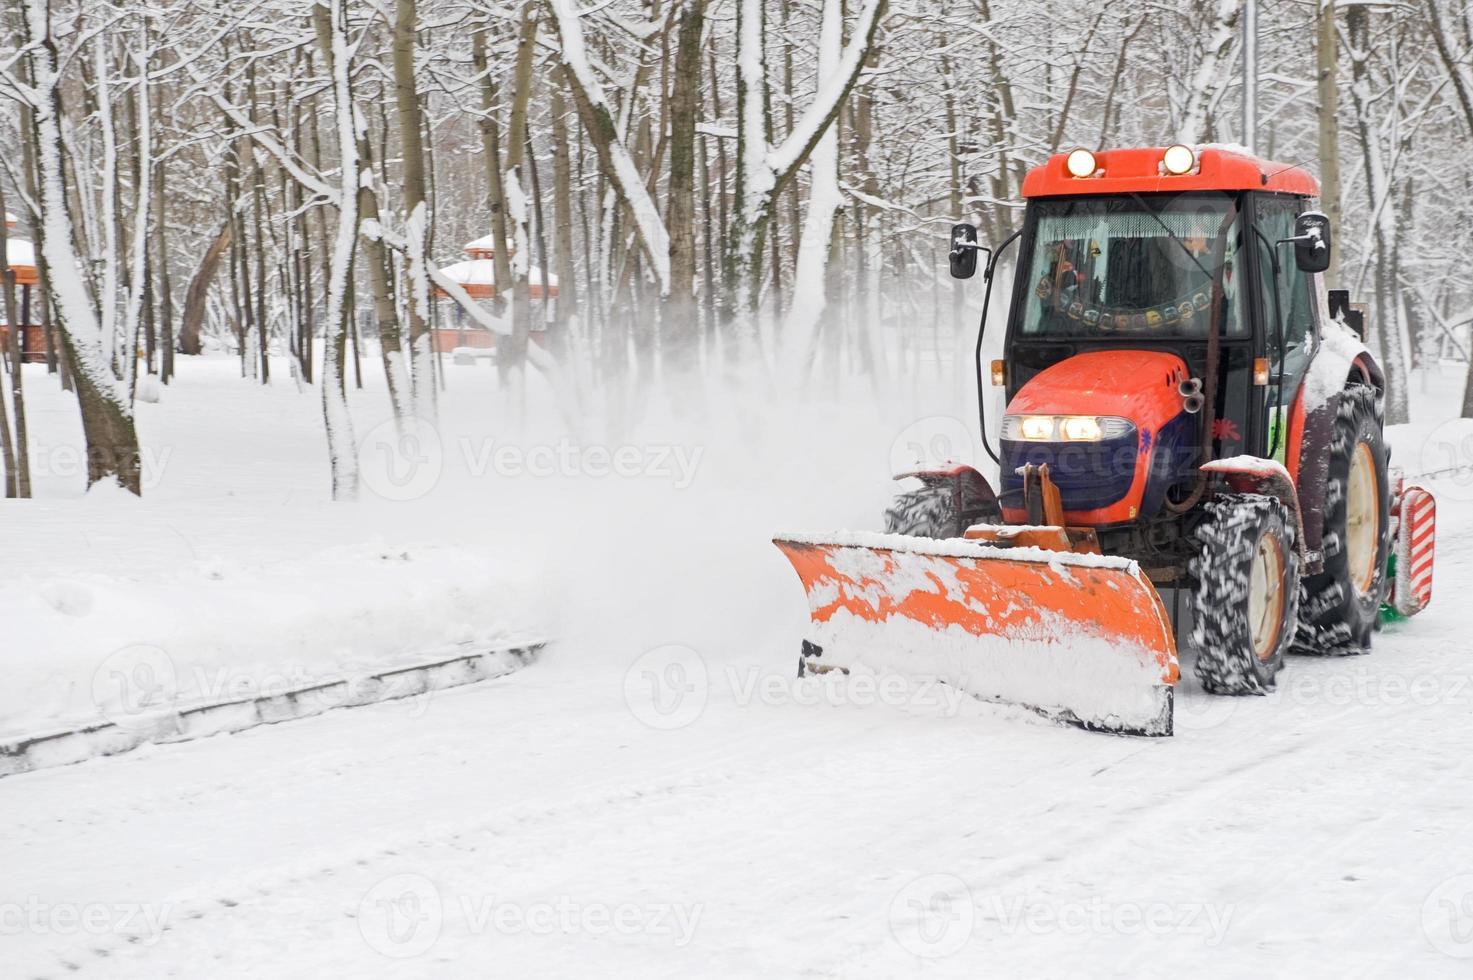 déneigement d'hiver un petit tracteur photo